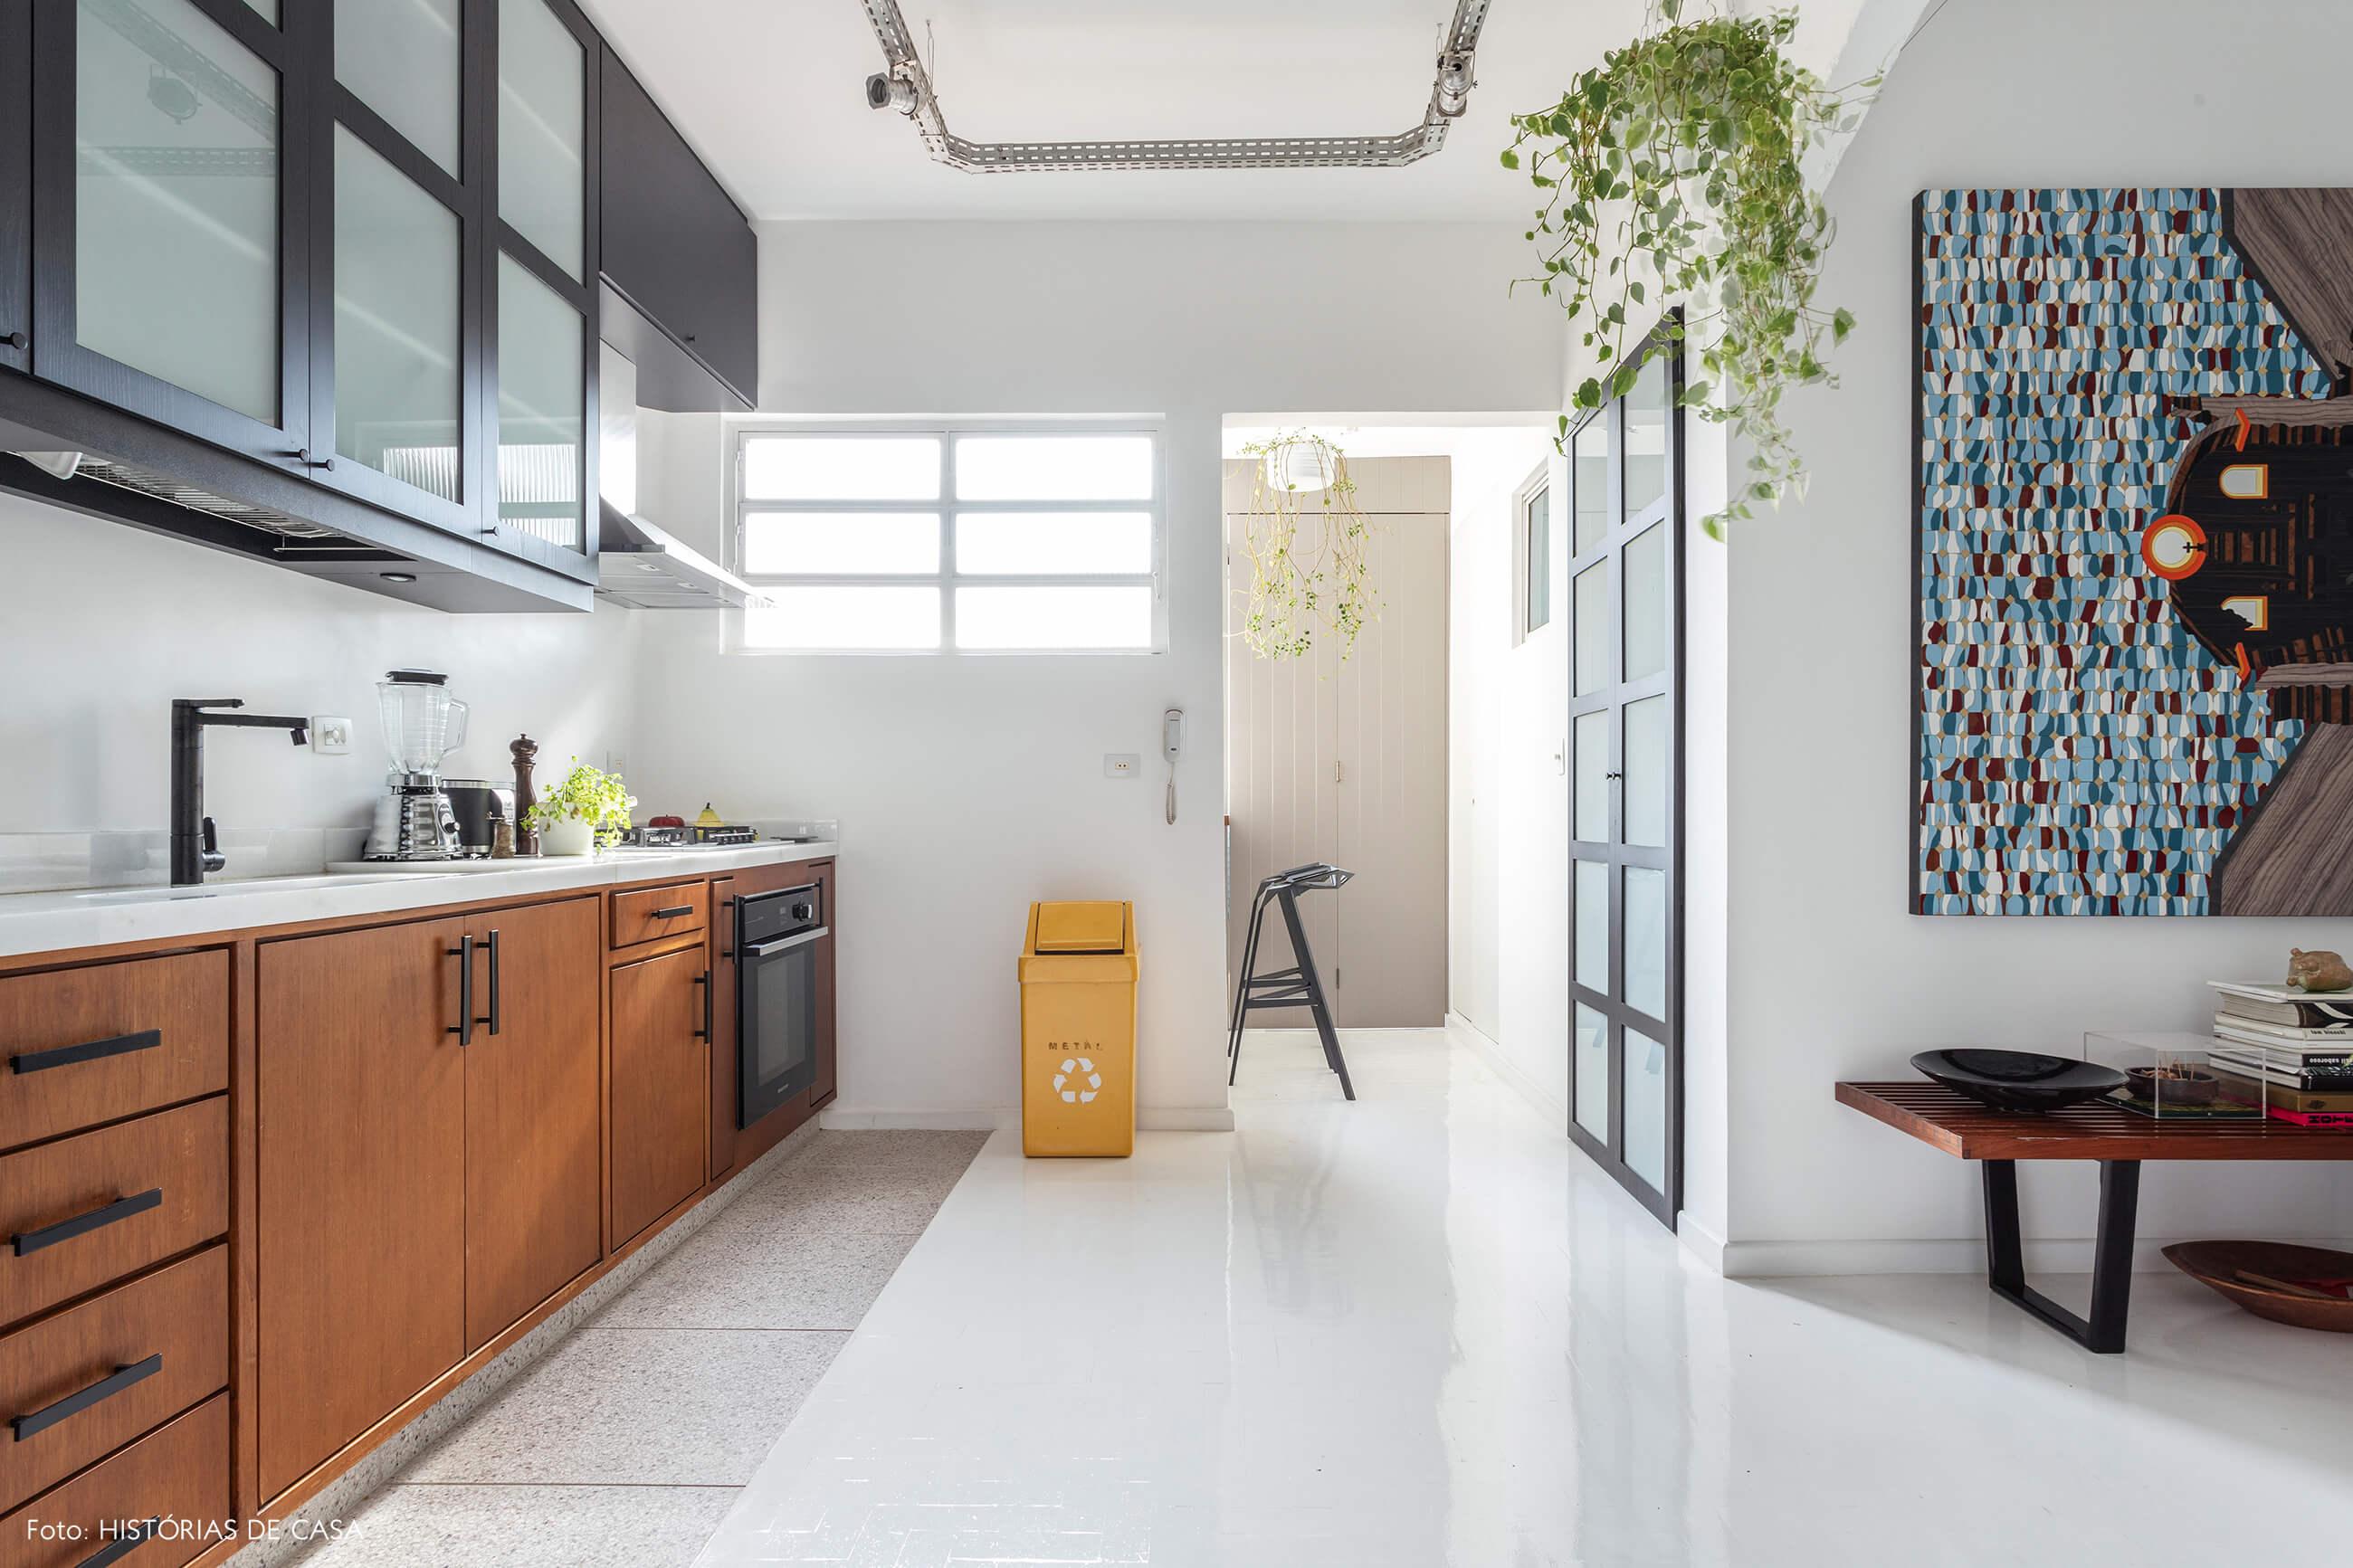 Apartamento escandinavo, cozinha com piso pintado de branco e armários pretos